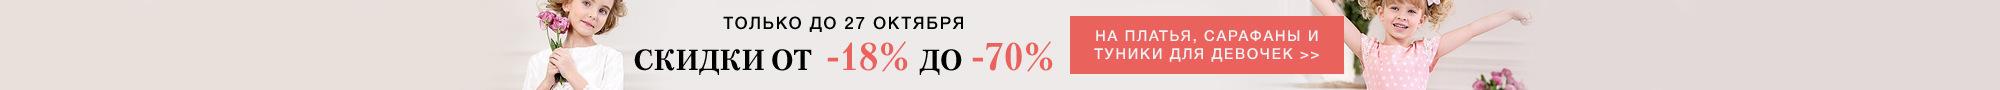 Скидки от -18% до -70% на Платья, сарафаны и туники для девочек